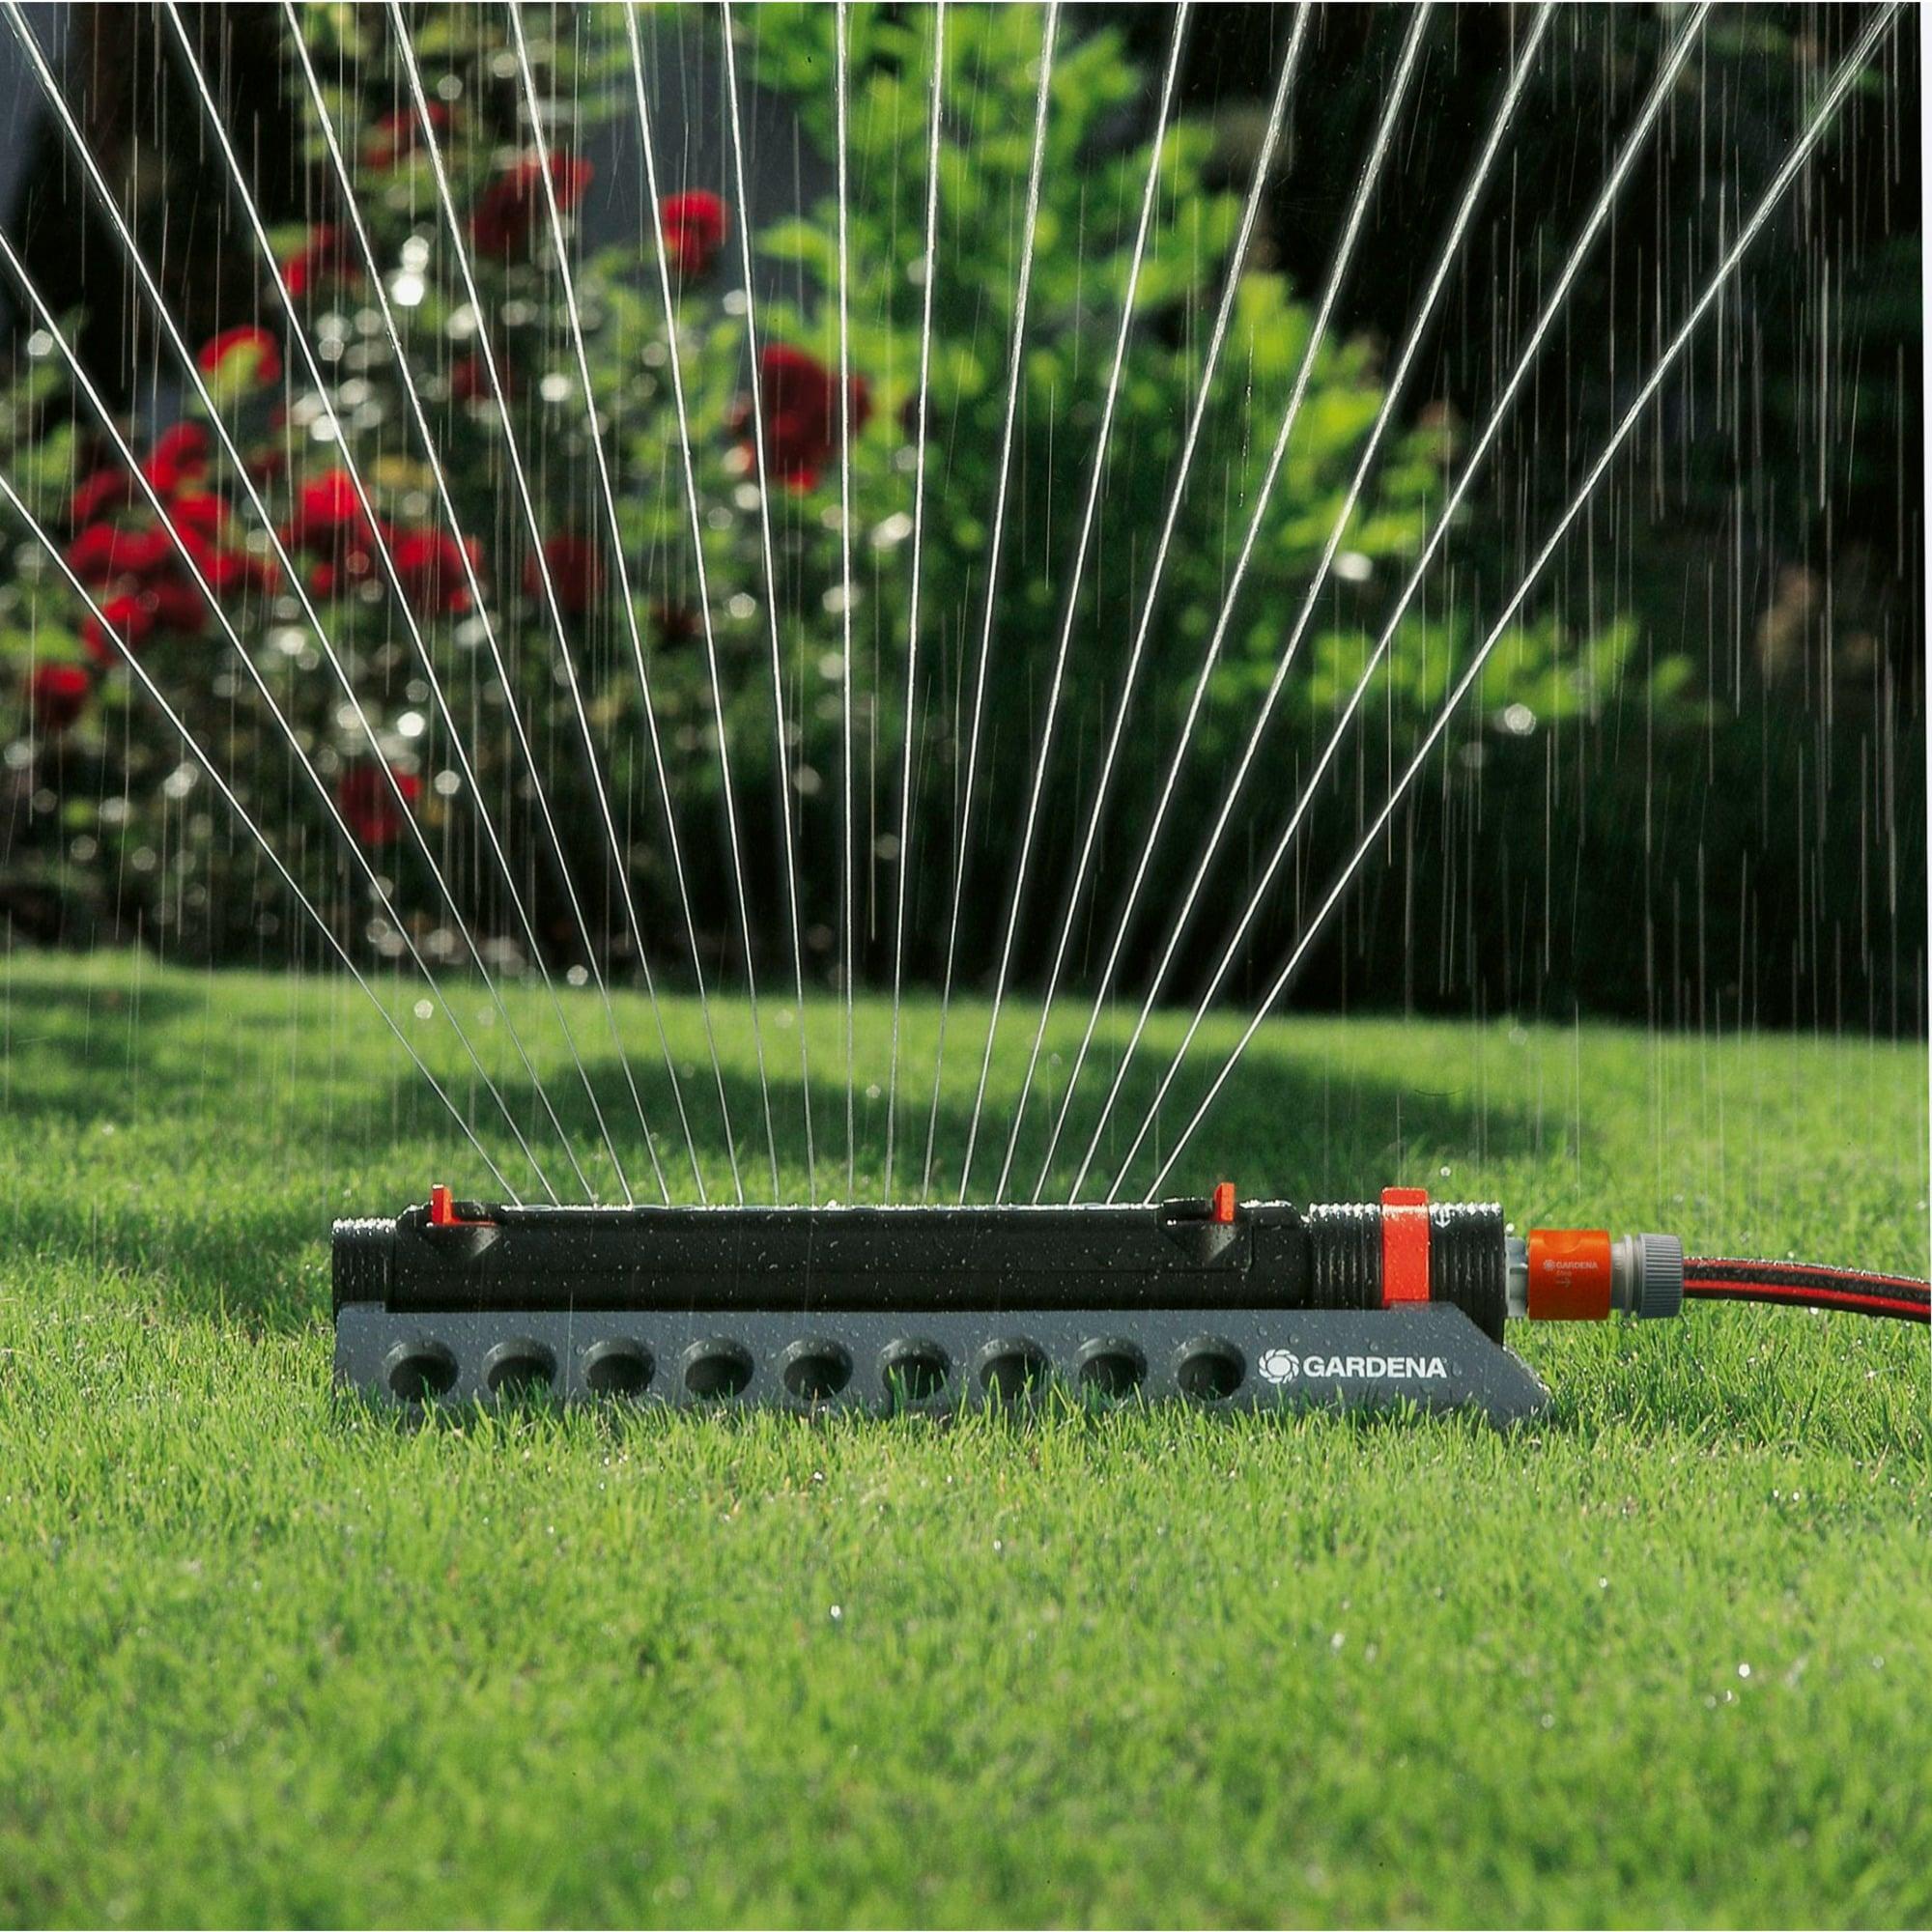 Gardena Sprinklersystem Comfort Aquazoom 250/1 (1971)